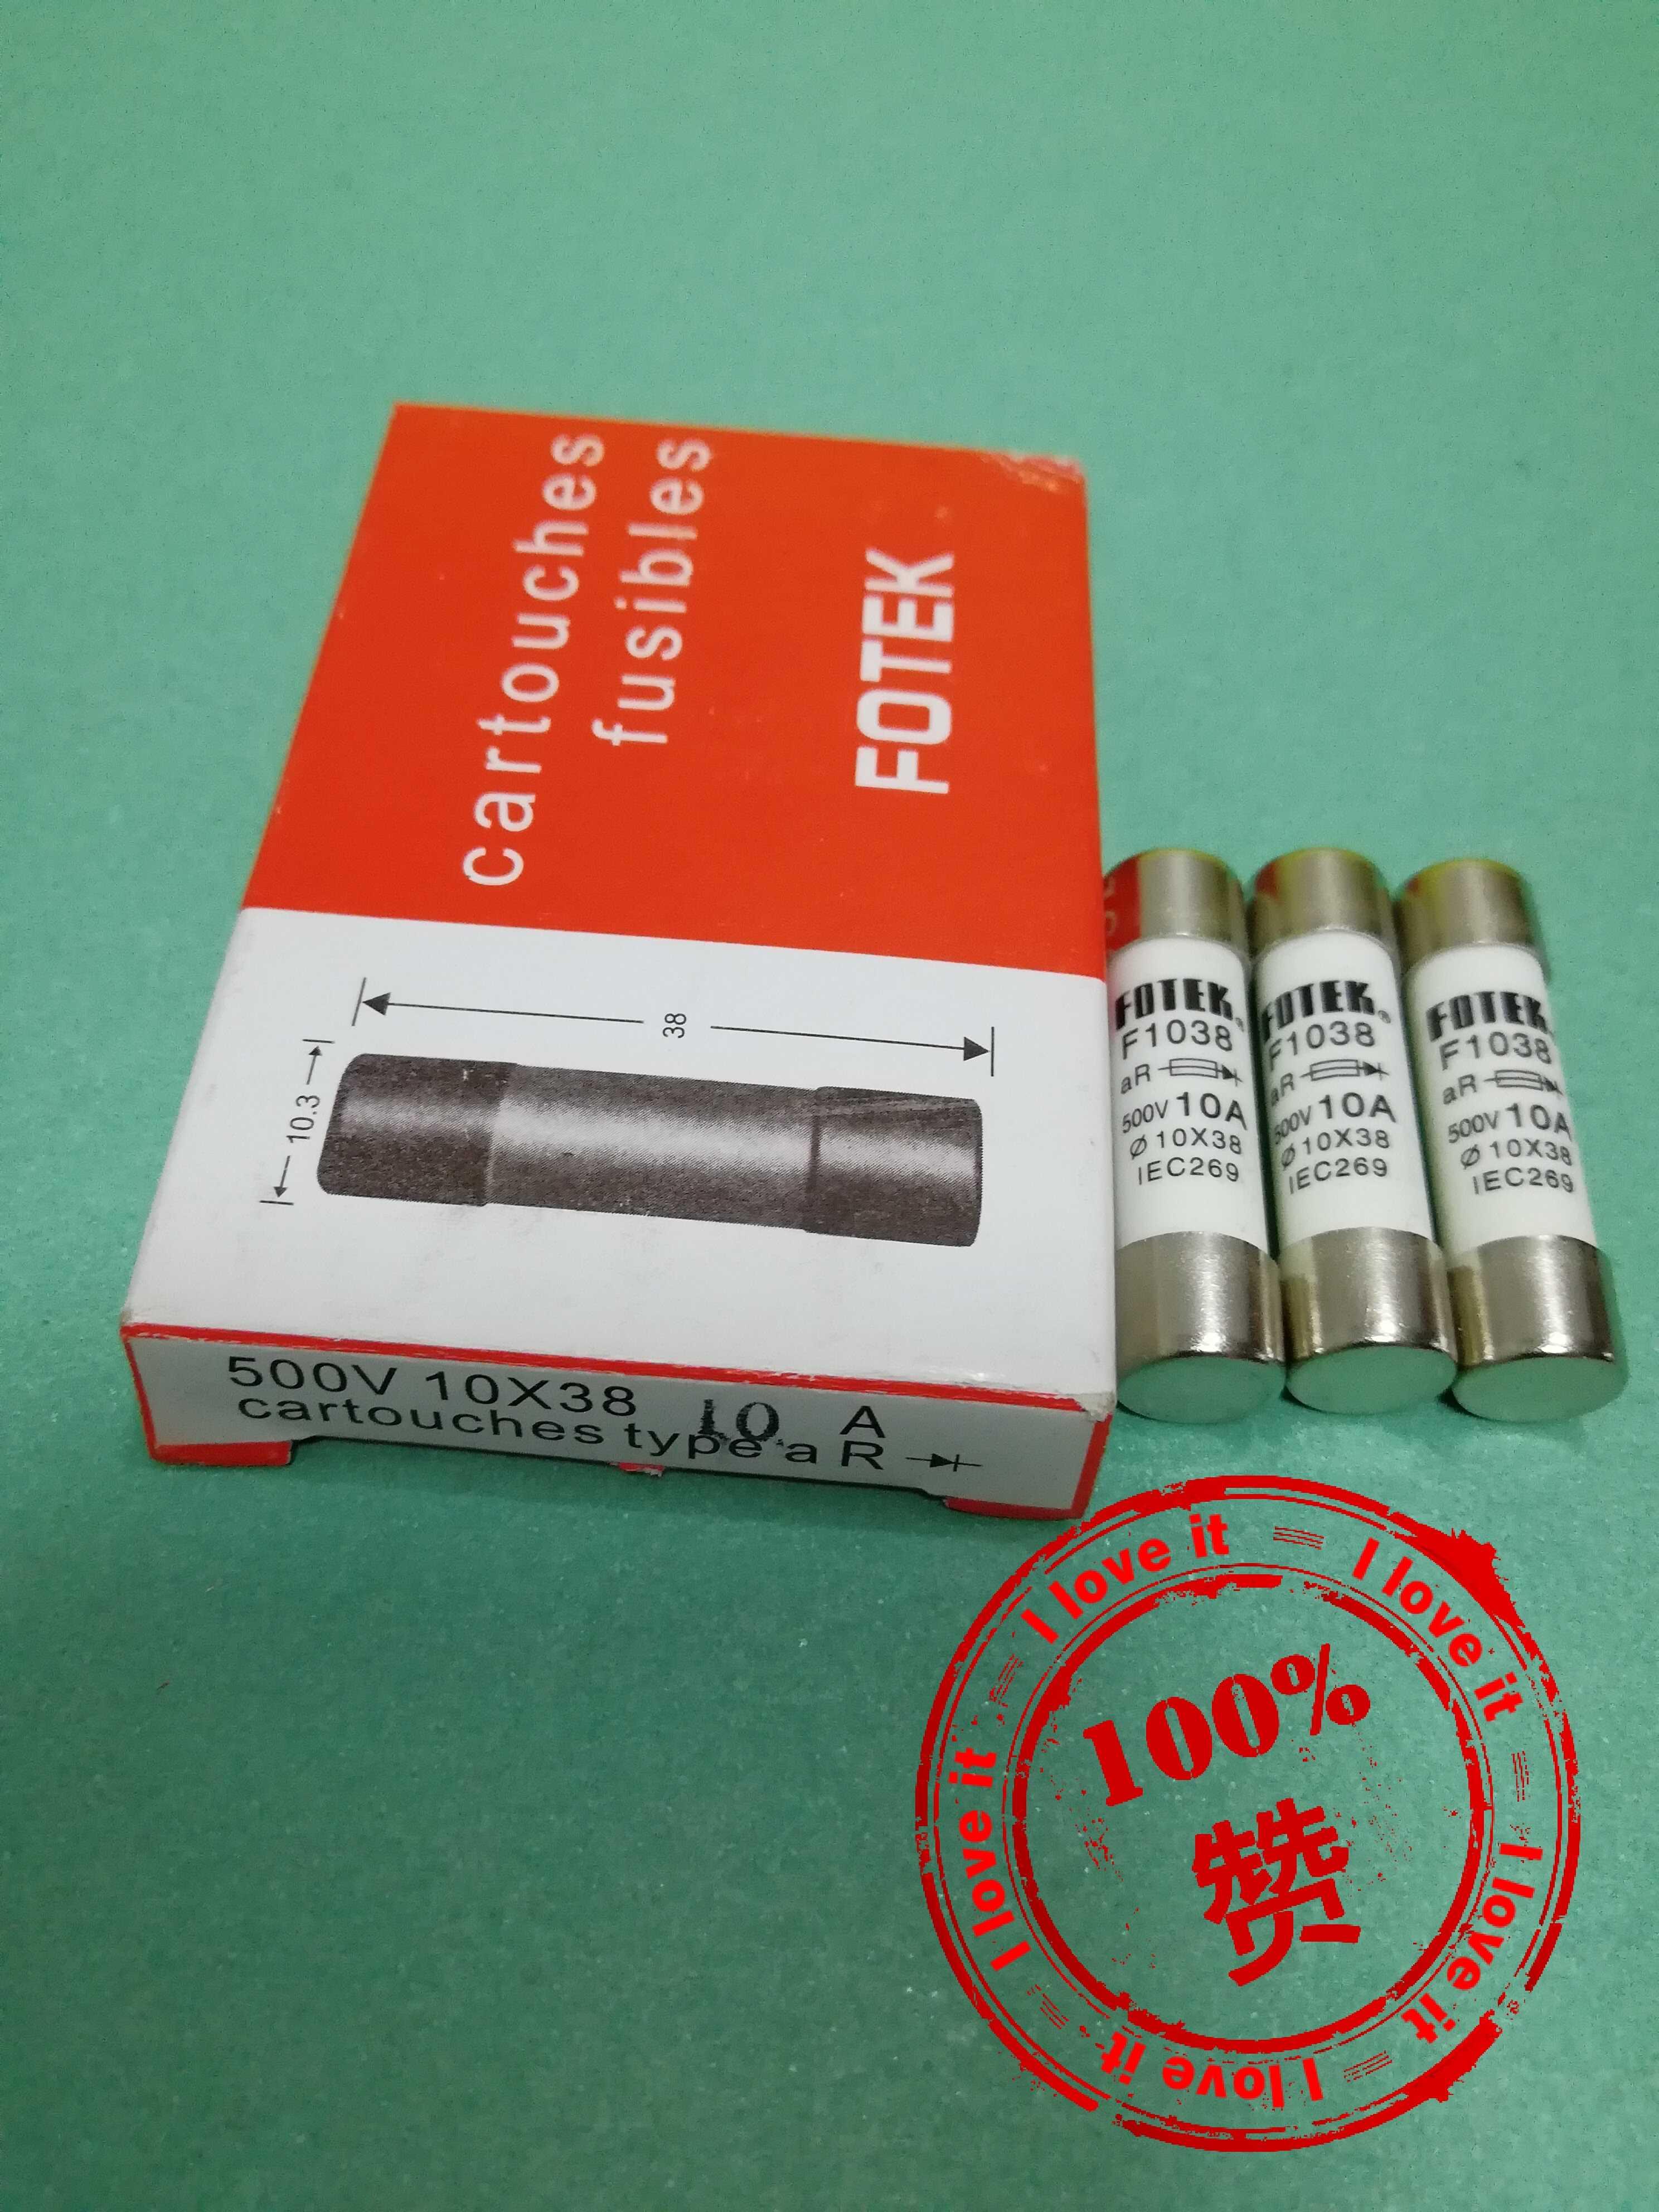 Original Imported Parts Fuse F103810A10*38 False Penalty Ten